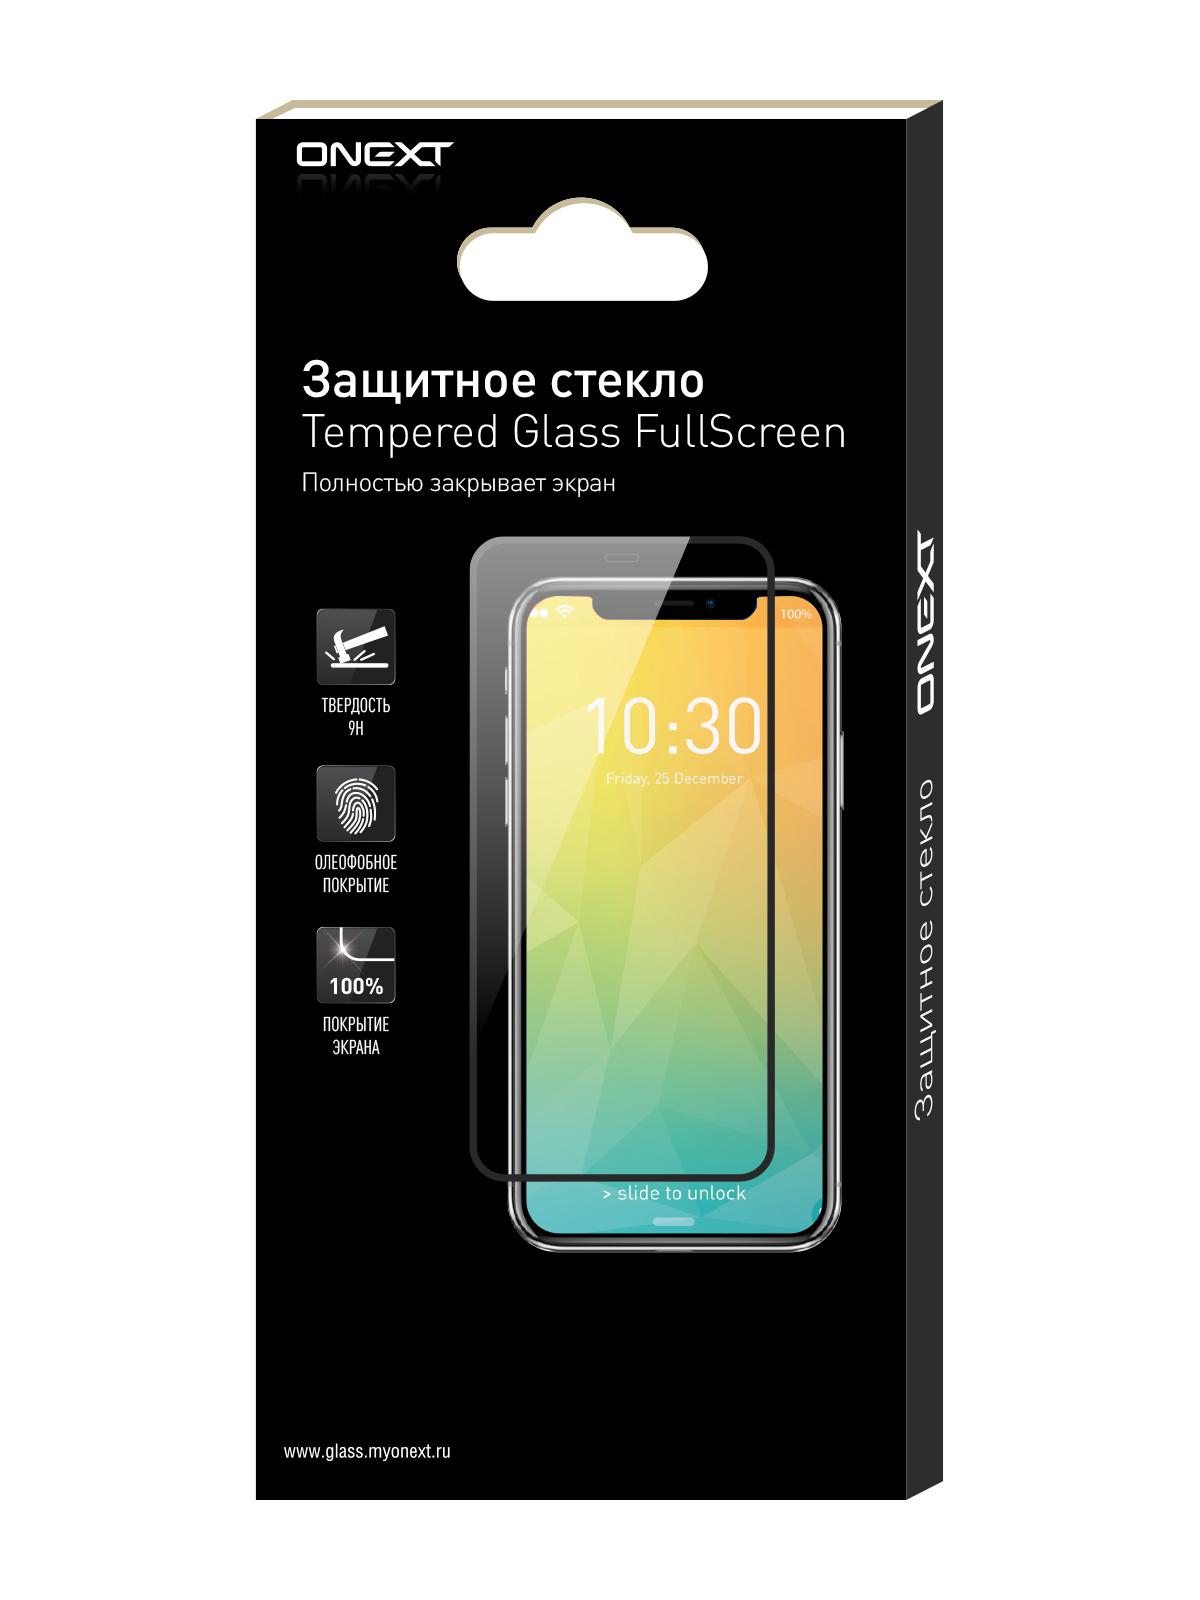 Защитное стекло ONEXT для Apple iPhone 7 White